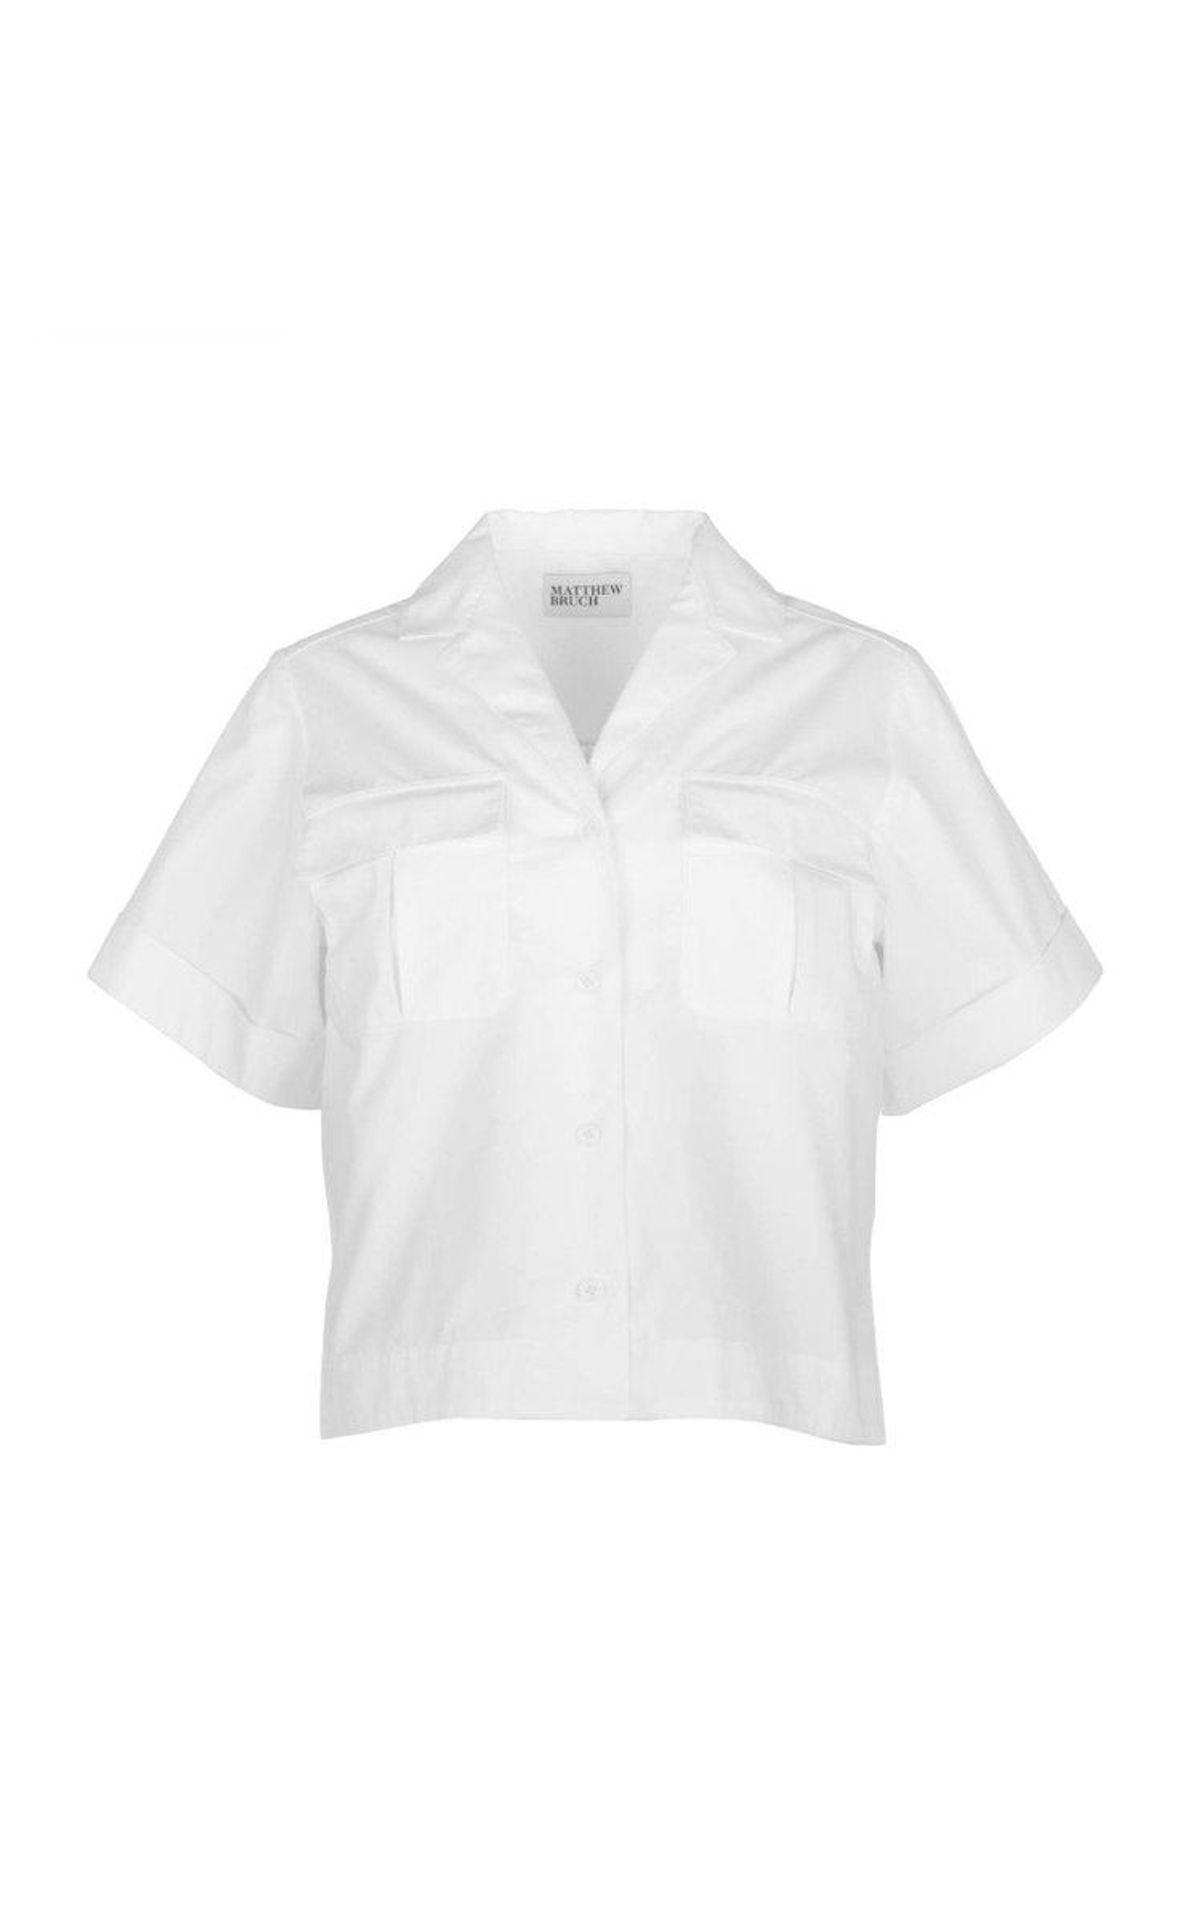 Safari Camp Pima Cotton Shirt